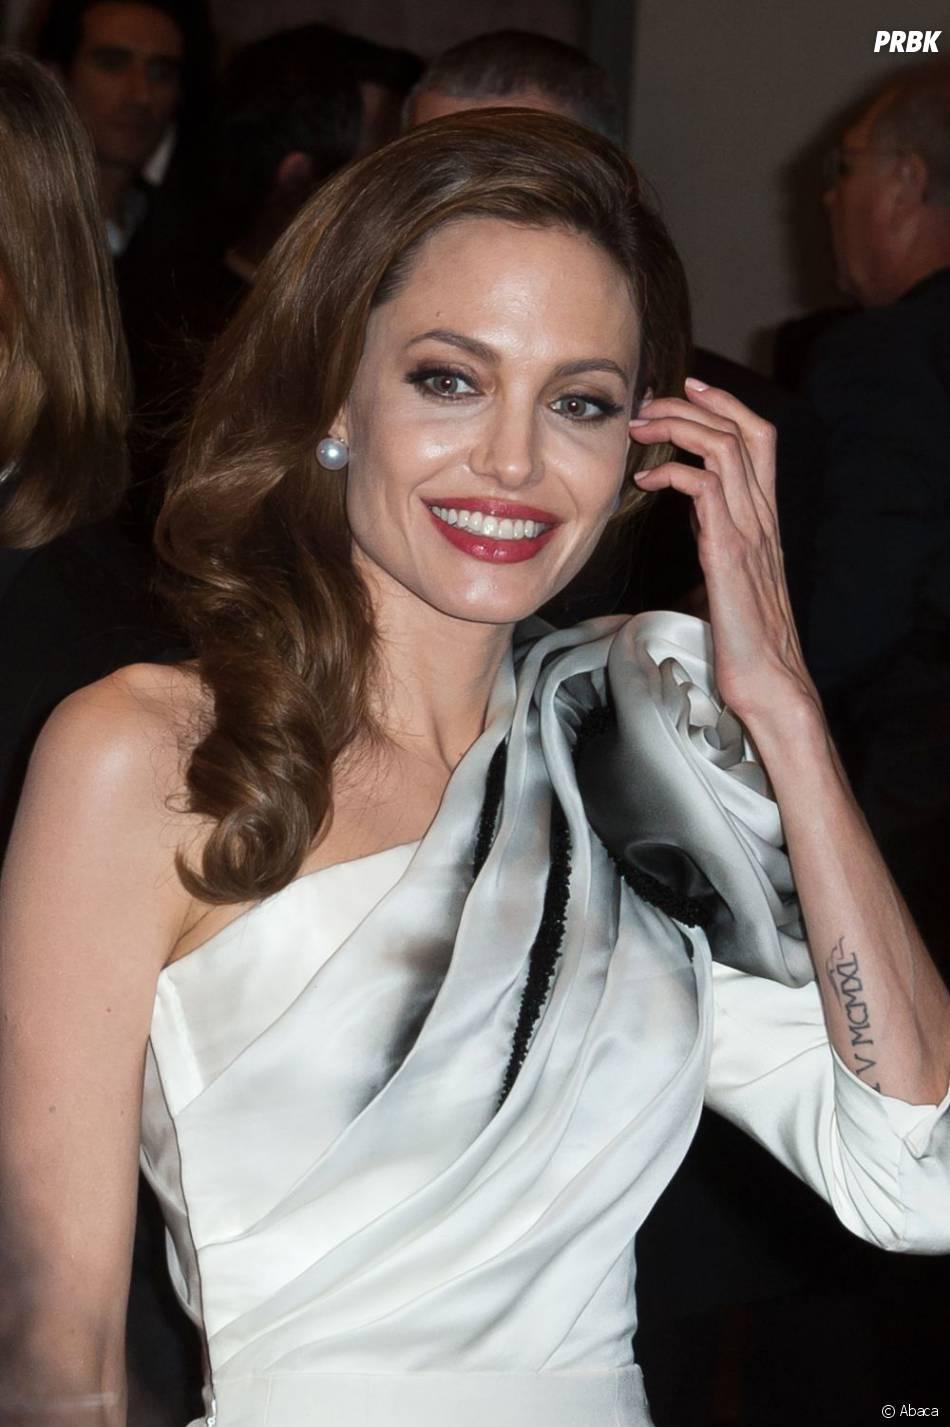 Angelina Jolie Anorexique Photo angelina jolie semble vraiment anorexique - purebreak